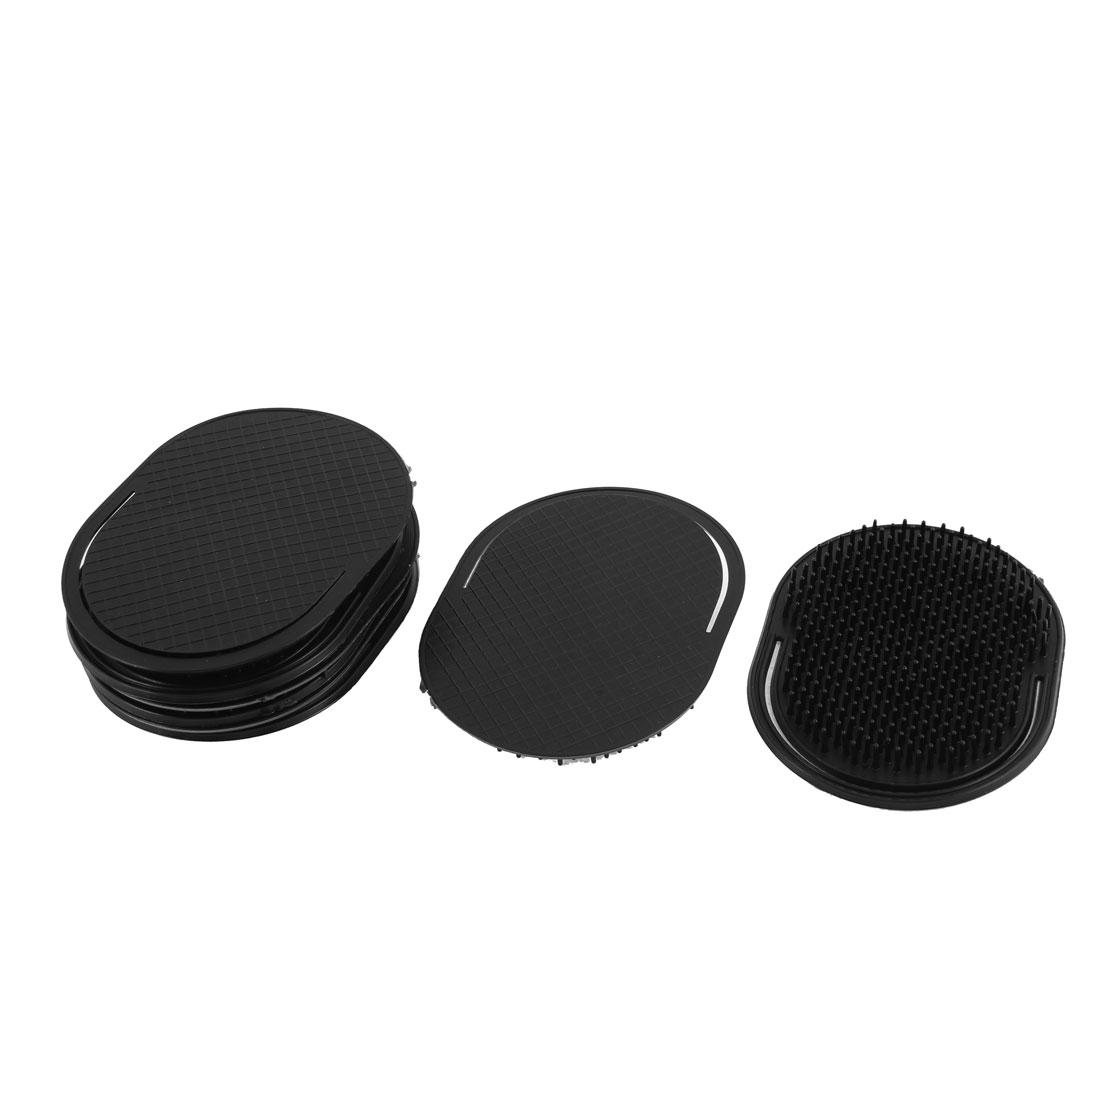 Plastic Oval Shape Hair Comb Scalp Massage Brush Black 8Pcs